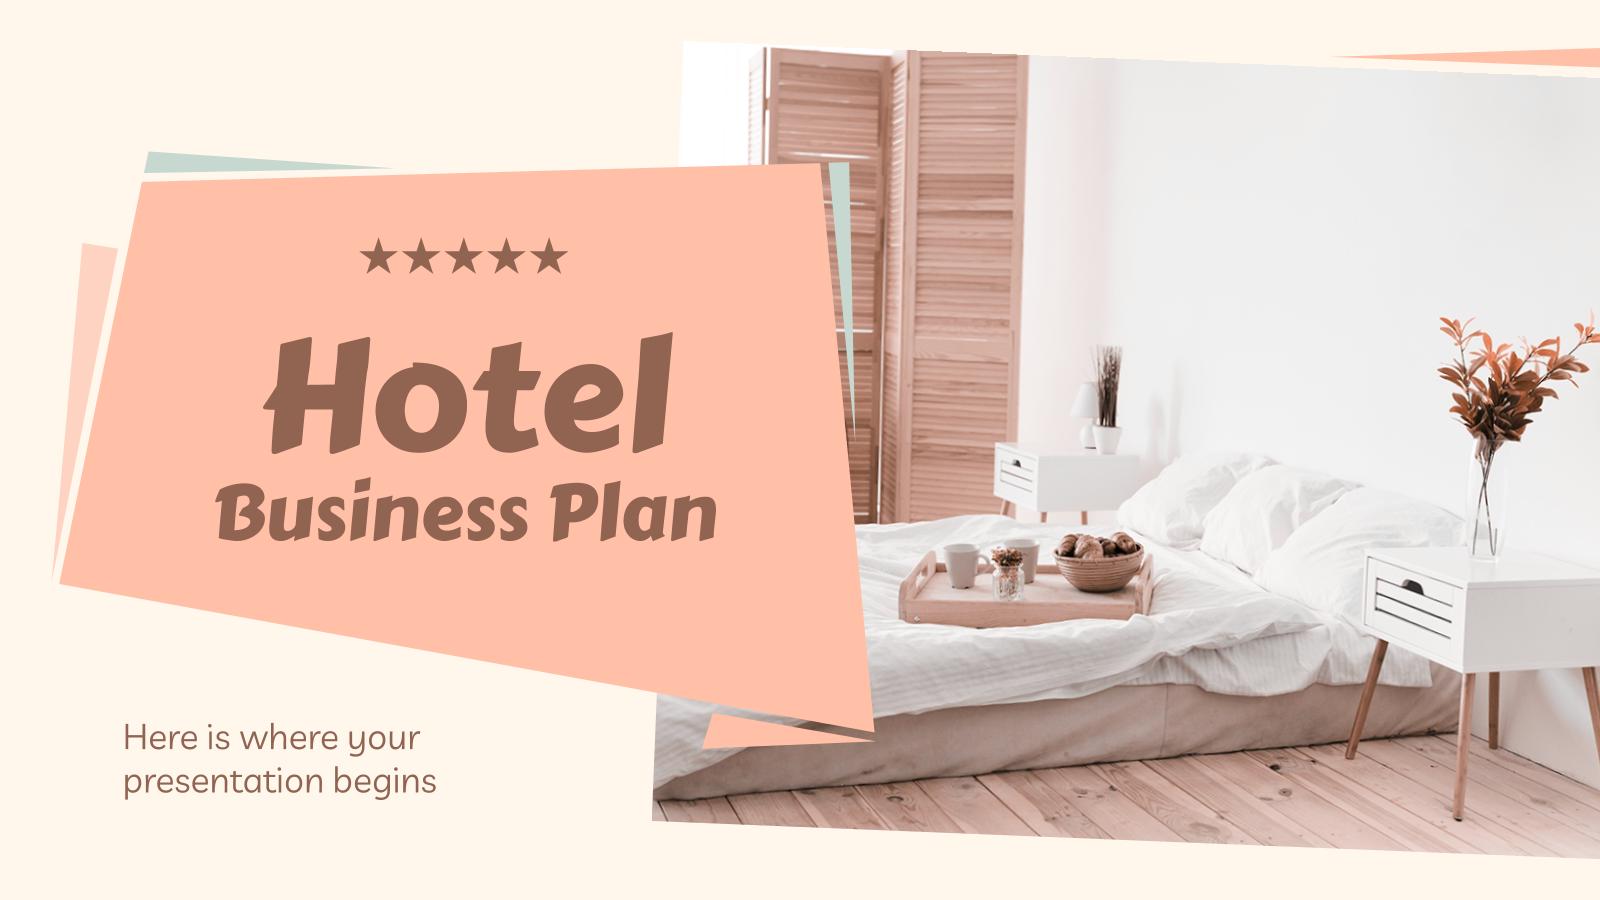 Business plan pour hôtel : Modèles de présentation